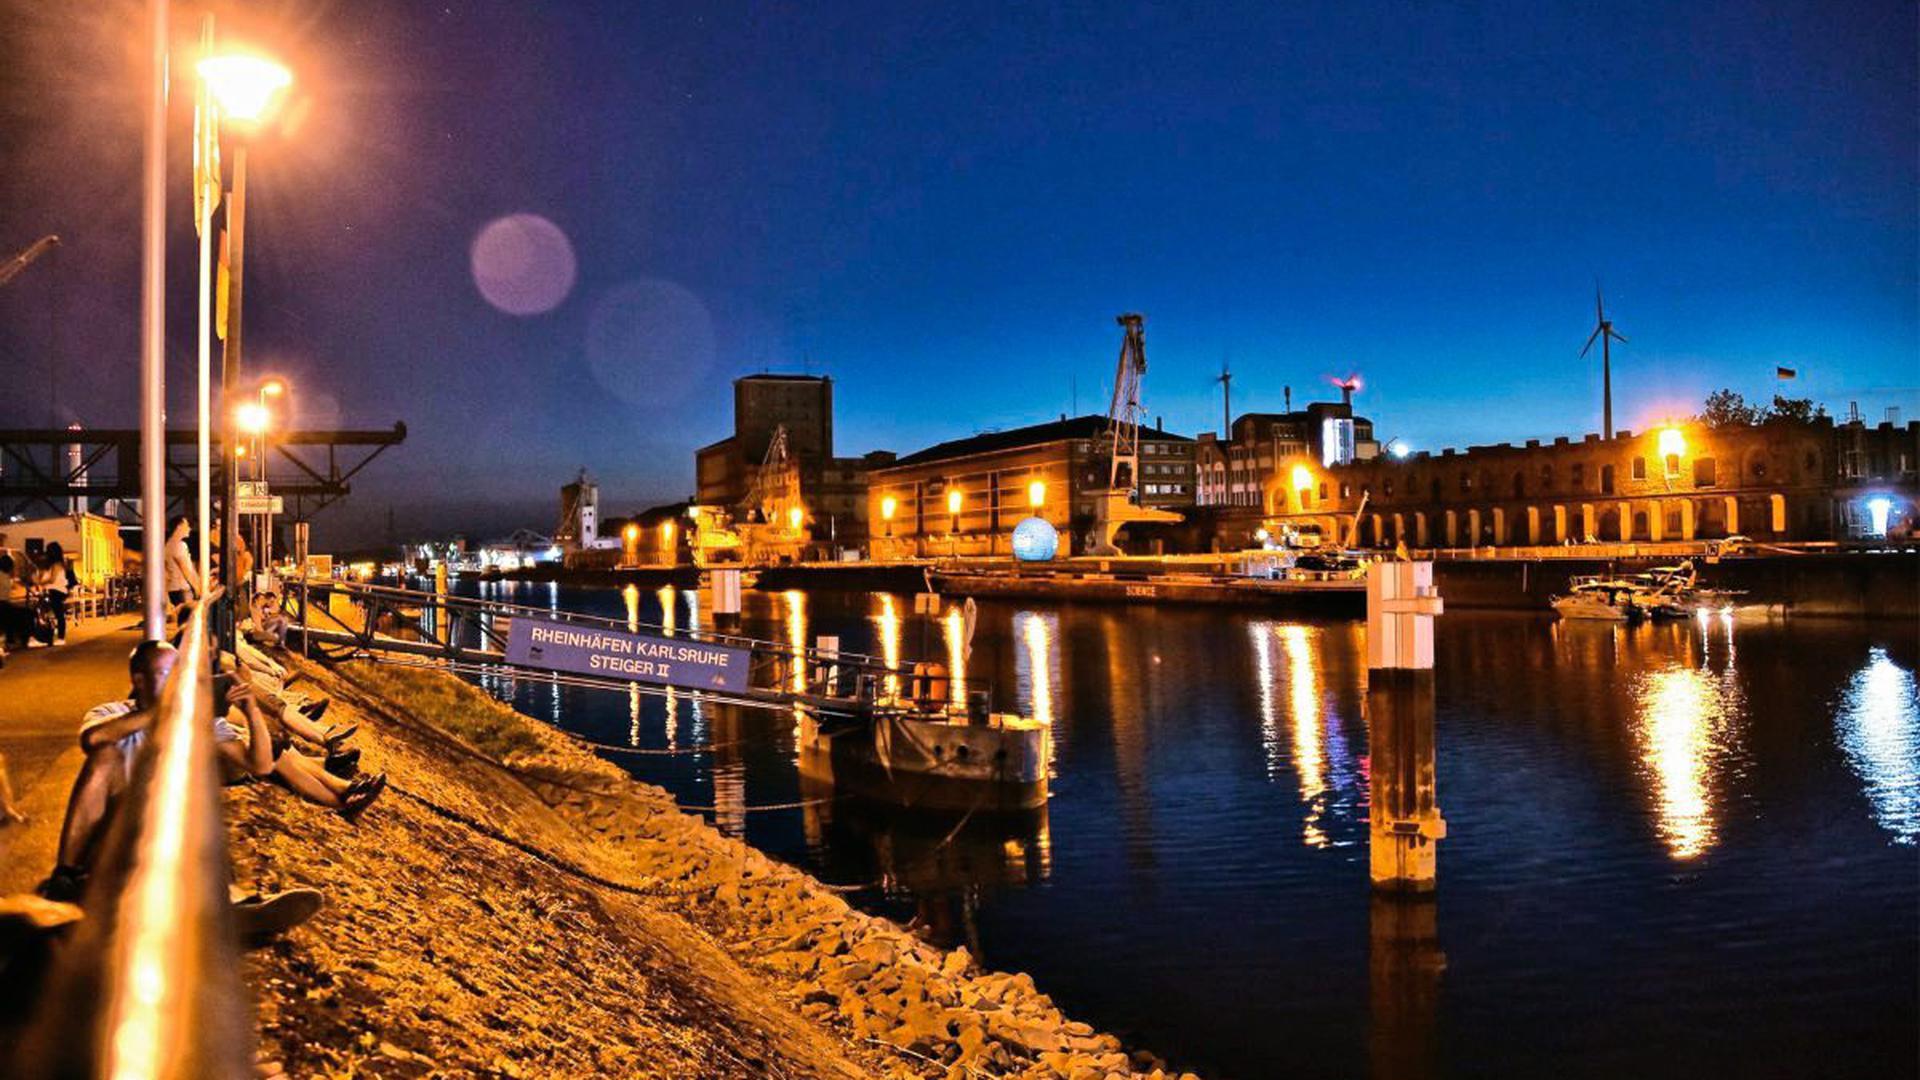 Sehr schöne Aufnahmen entstehen abends am Karlsruher Rheinhafen.